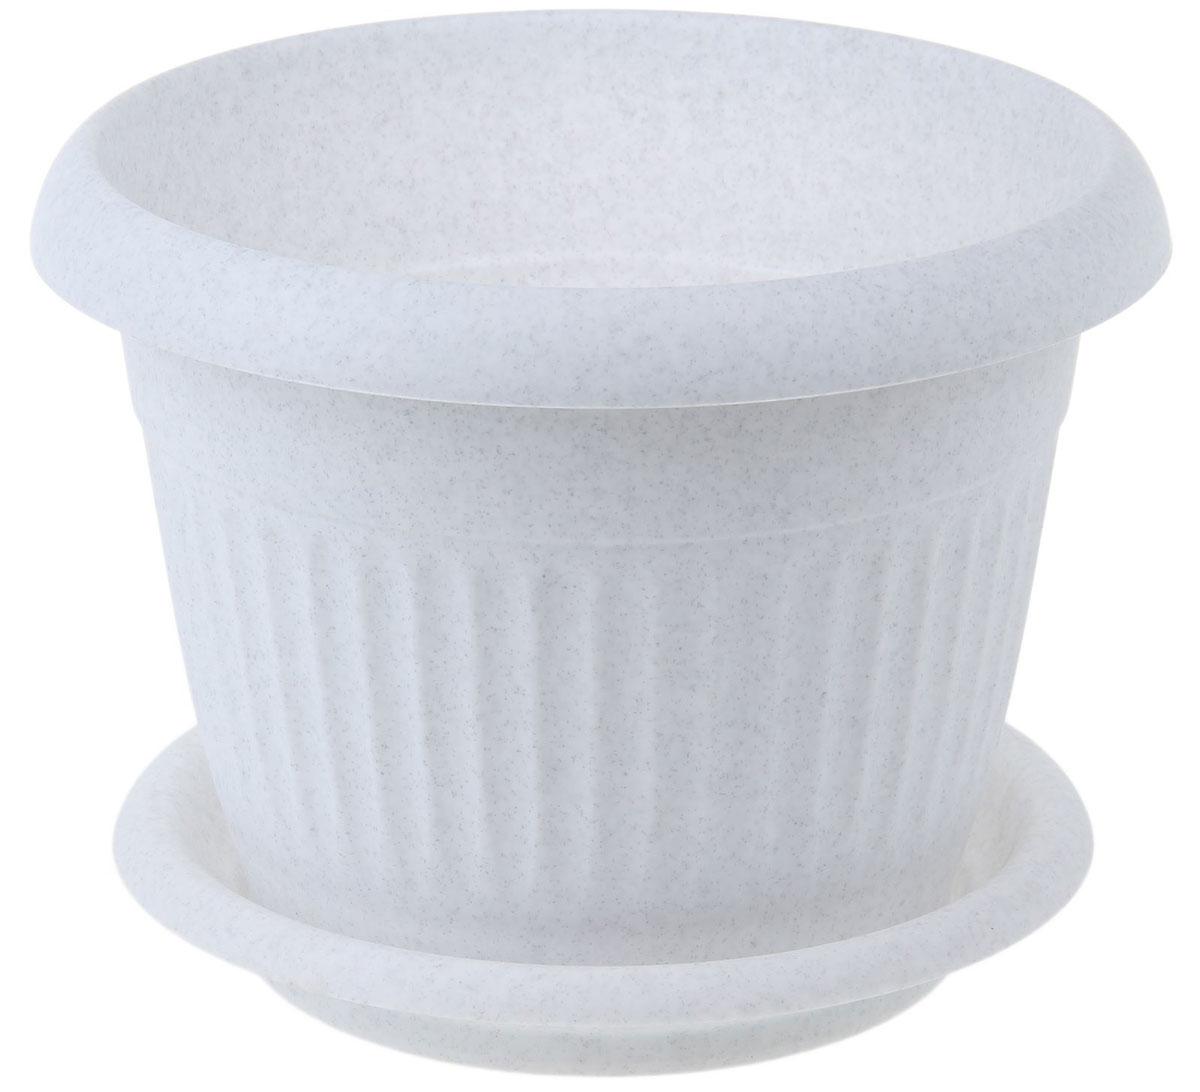 Кашпо Idea Ливия, с поддоном, цвет: мраморный, 2,8 лZ-0307Кашпо Idea Ливия изготовлено из прочного полипропилена (пластика) и предназначено для выращивания растений, цветов и трав в домашних условиях. Круглый поддон обеспечивает сток воды. Такое кашпо порадует вас функциональностью, а благодаря лаконичному дизайну впишется в любой интерьер помещения. Диаметр кашпо по верхнему краю: 20 см. Объем кашпо: 2,8 л.